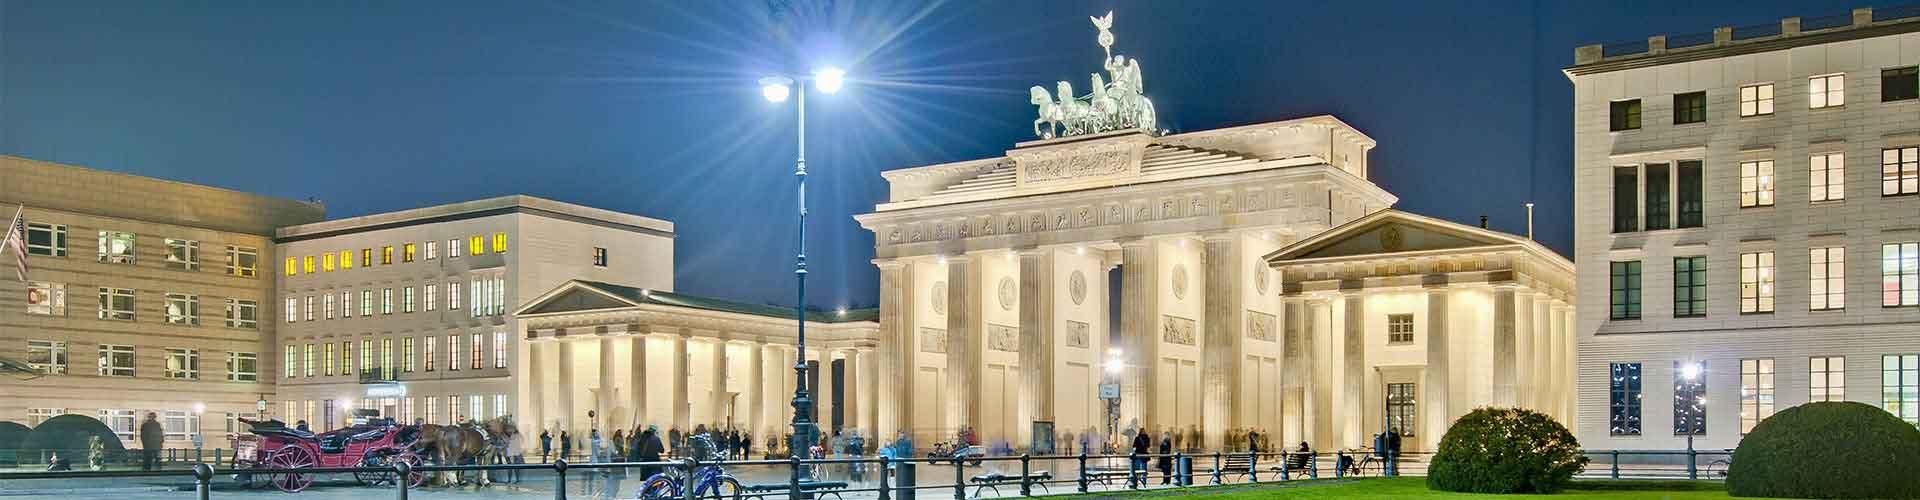 Berlín - Habitaciones cerca a Pariser Platz. Mapas de Berlín, Fotos y comentarios de cada Habitación en Berlín.